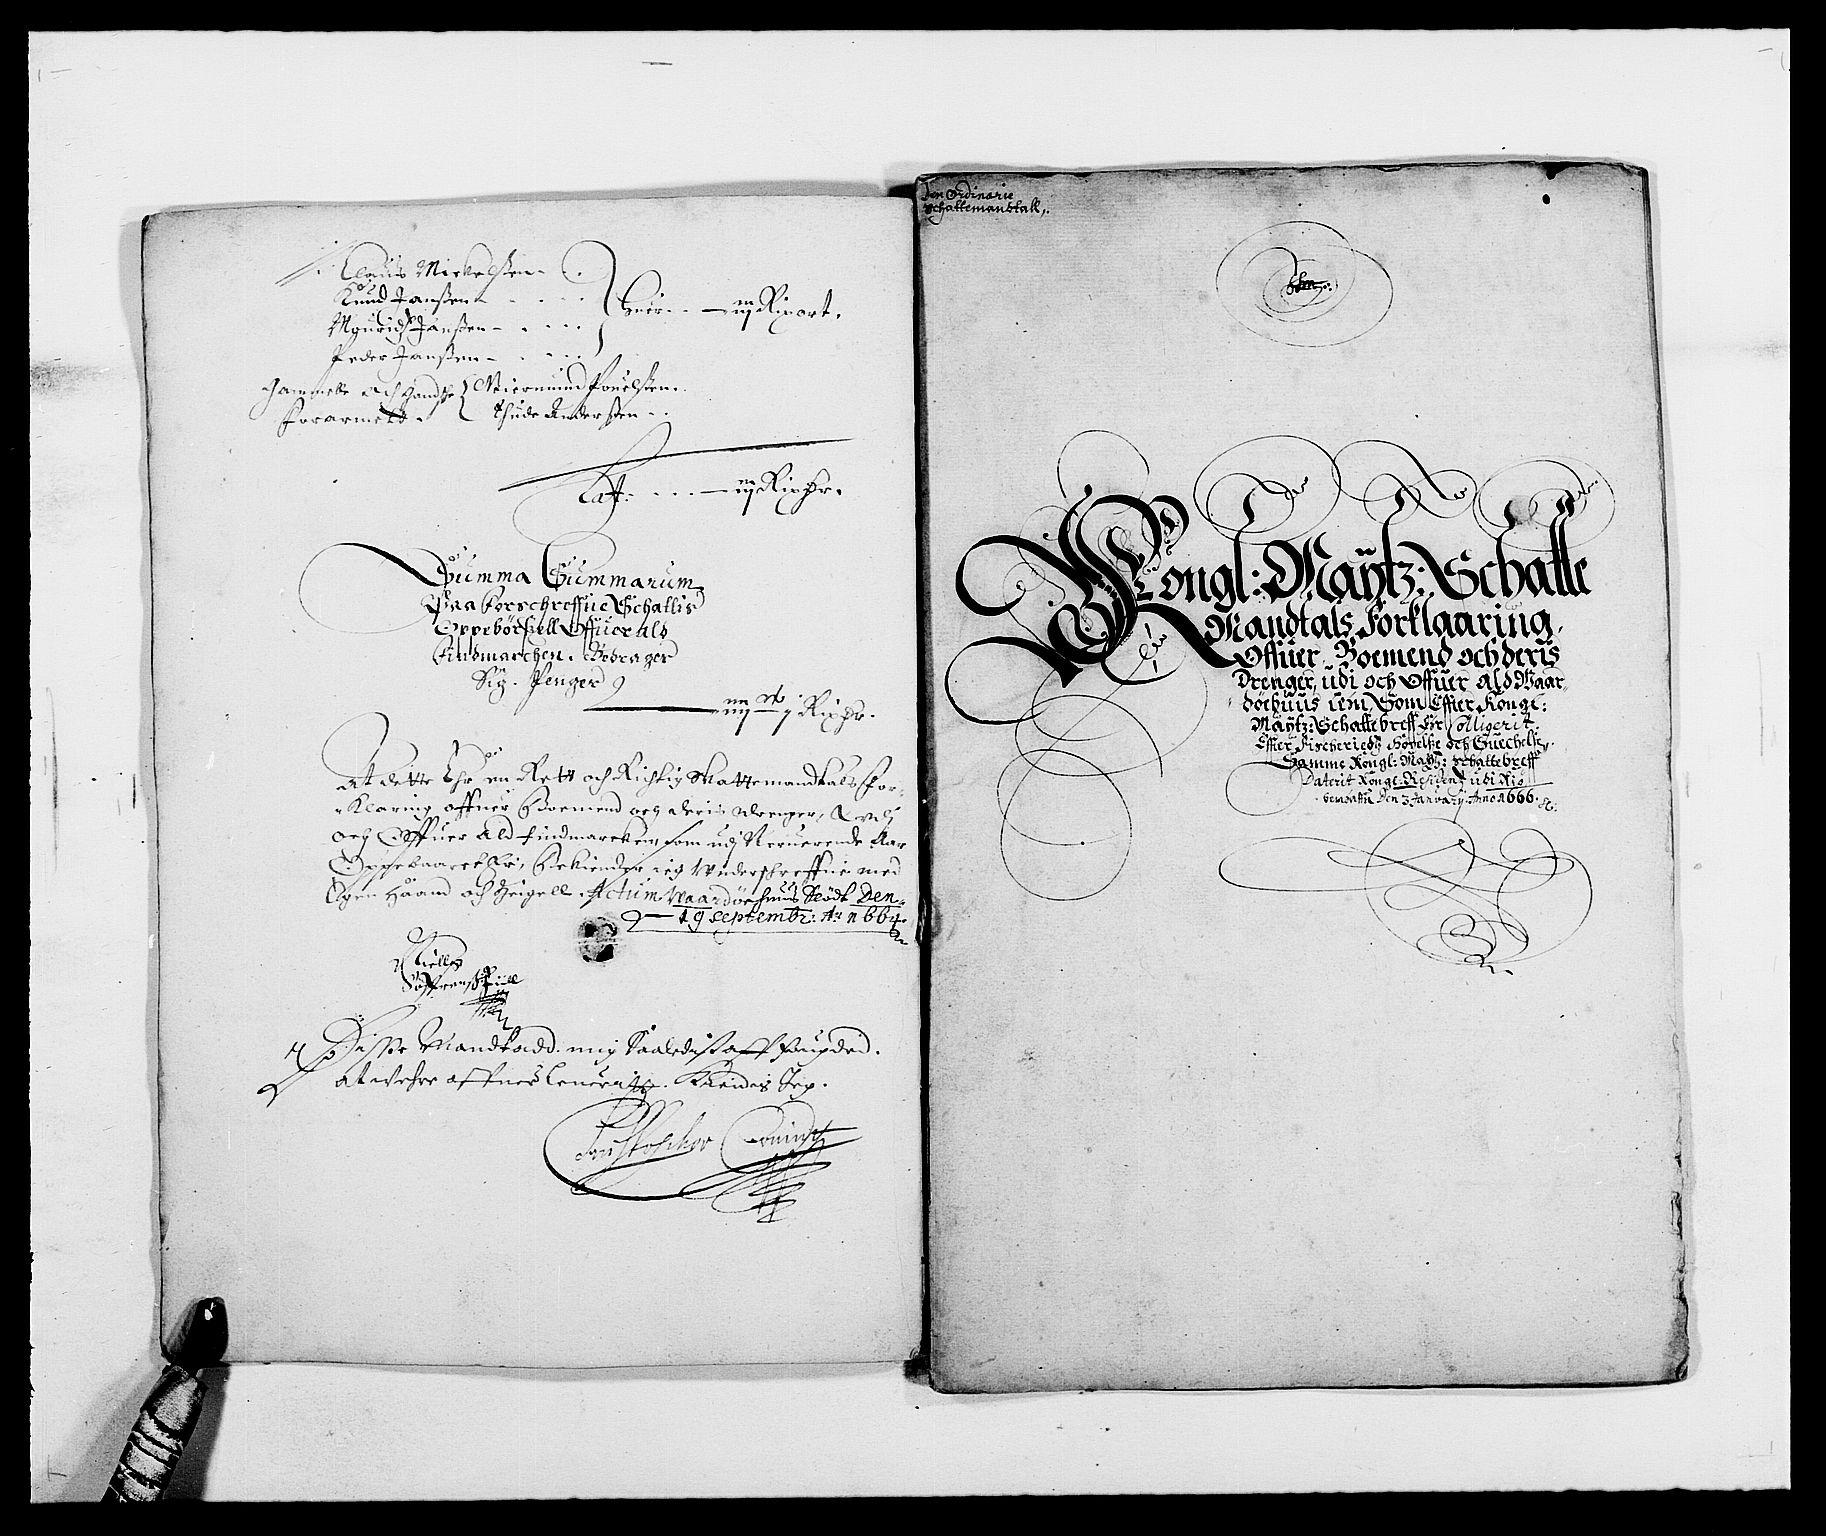 RA, Rentekammeret inntil 1814, Reviderte regnskaper, Fogderegnskap, R69/L4849: Fogderegnskap Finnmark/Vardøhus, 1661-1679, s. 62